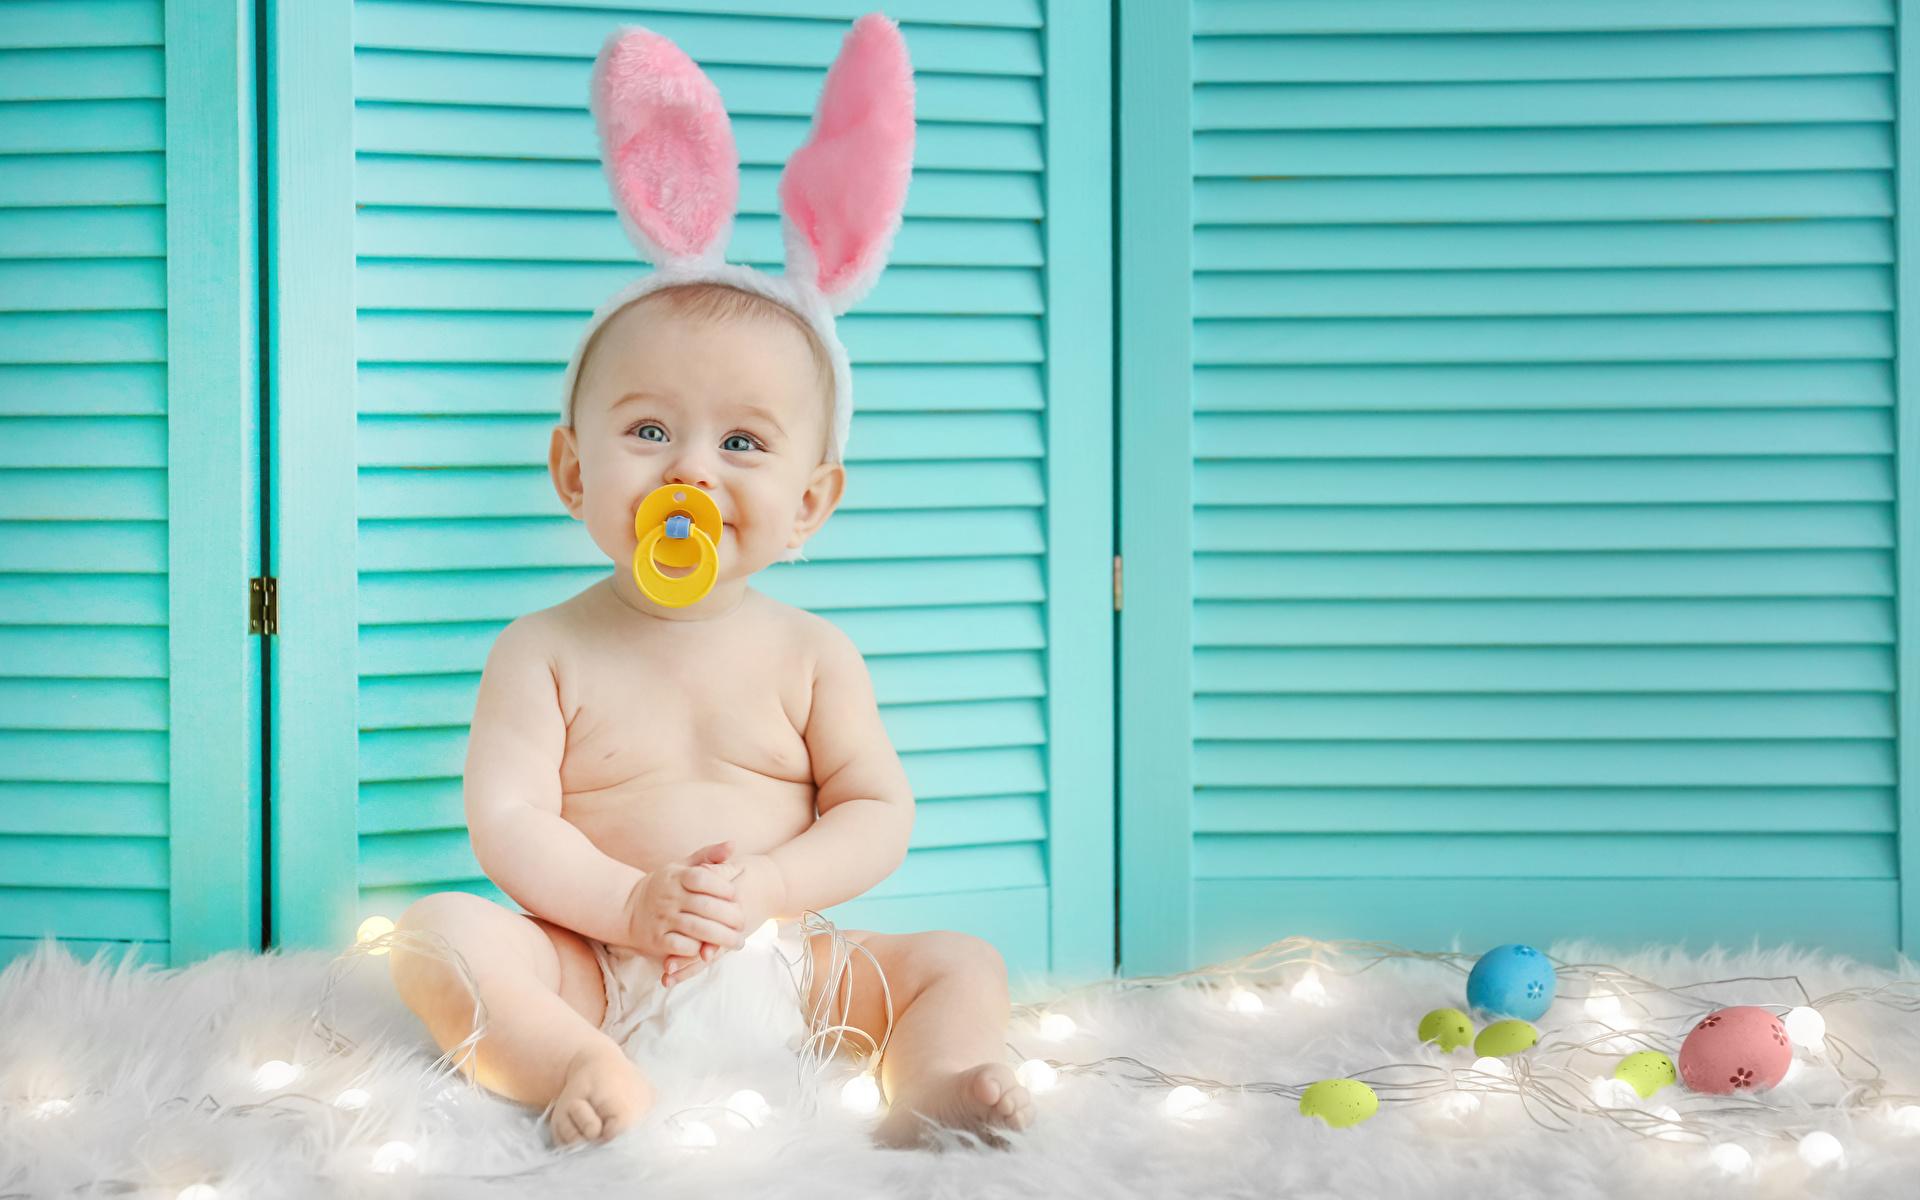 Фотографии Пасха кролик Младенцы счастливый яйцами ребёнок Праздники 1920x1200 Кролики младенец младенца грудной ребёнок счастье Радость радостный радостная счастливые счастливая яиц яйцо Яйца Дети